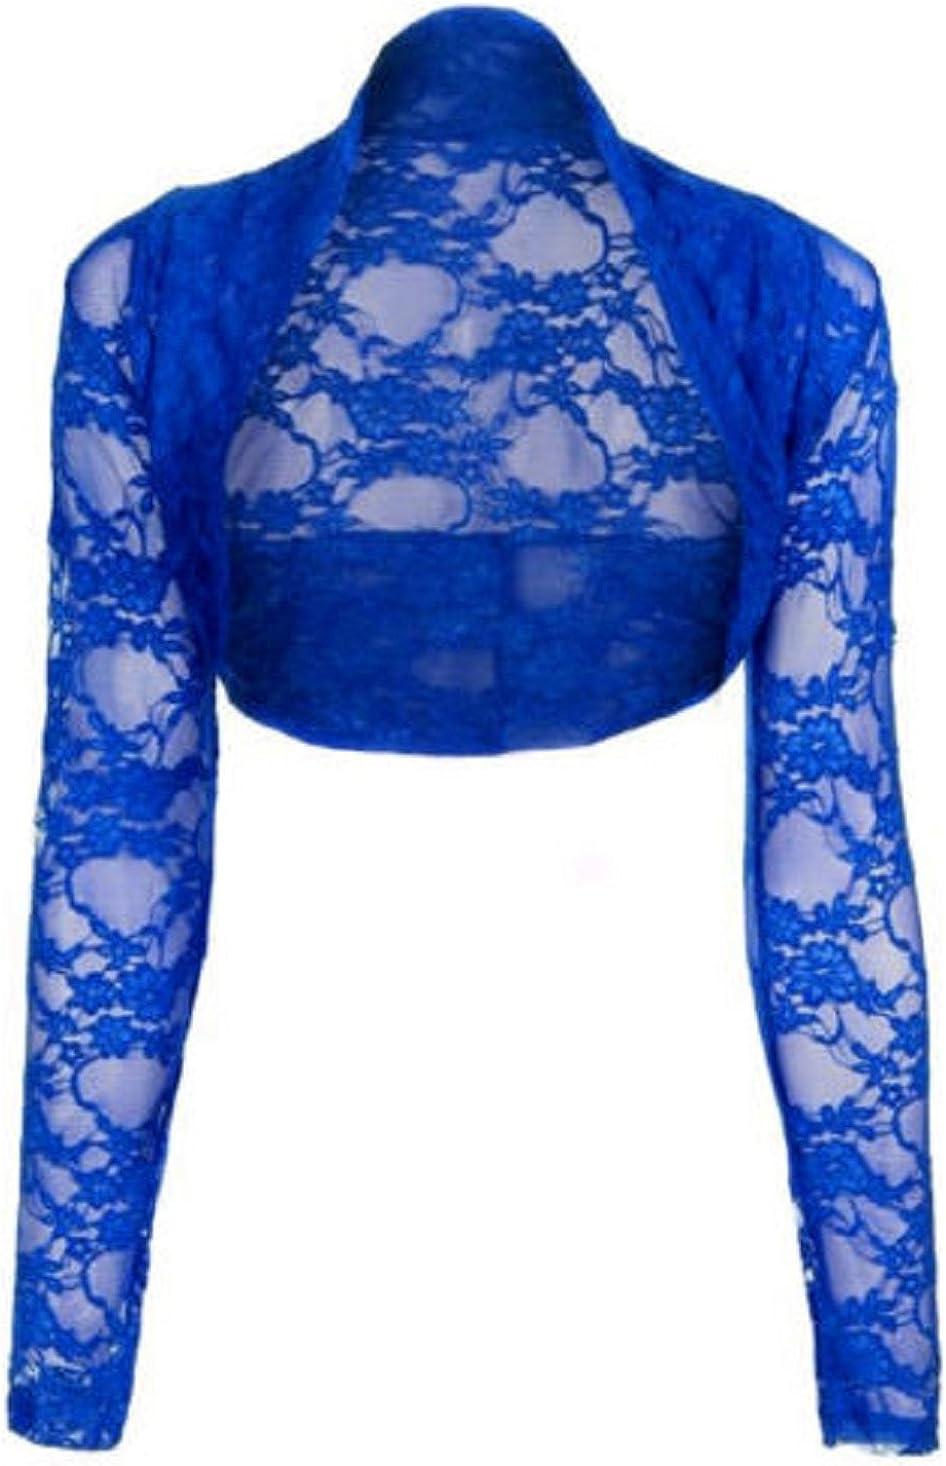 Lace Bolero Cardigan Long Sleeve One Size UK 8-14 US 4-10